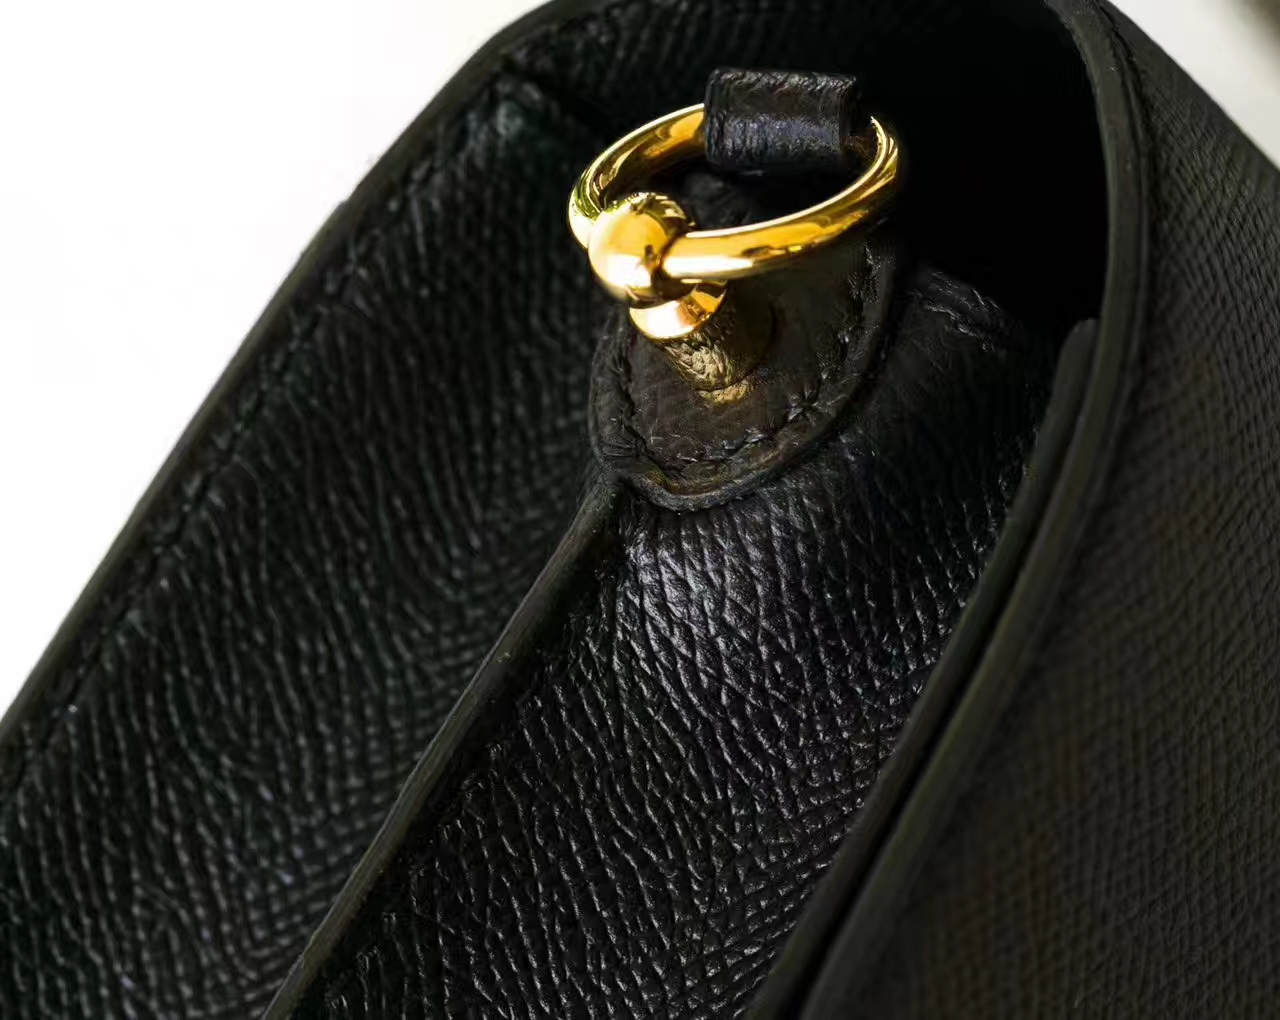 爱马仕包包官网 Hermes 黑色原厂Epsom牛皮猪鼻子包Roulis 19cm 金扣